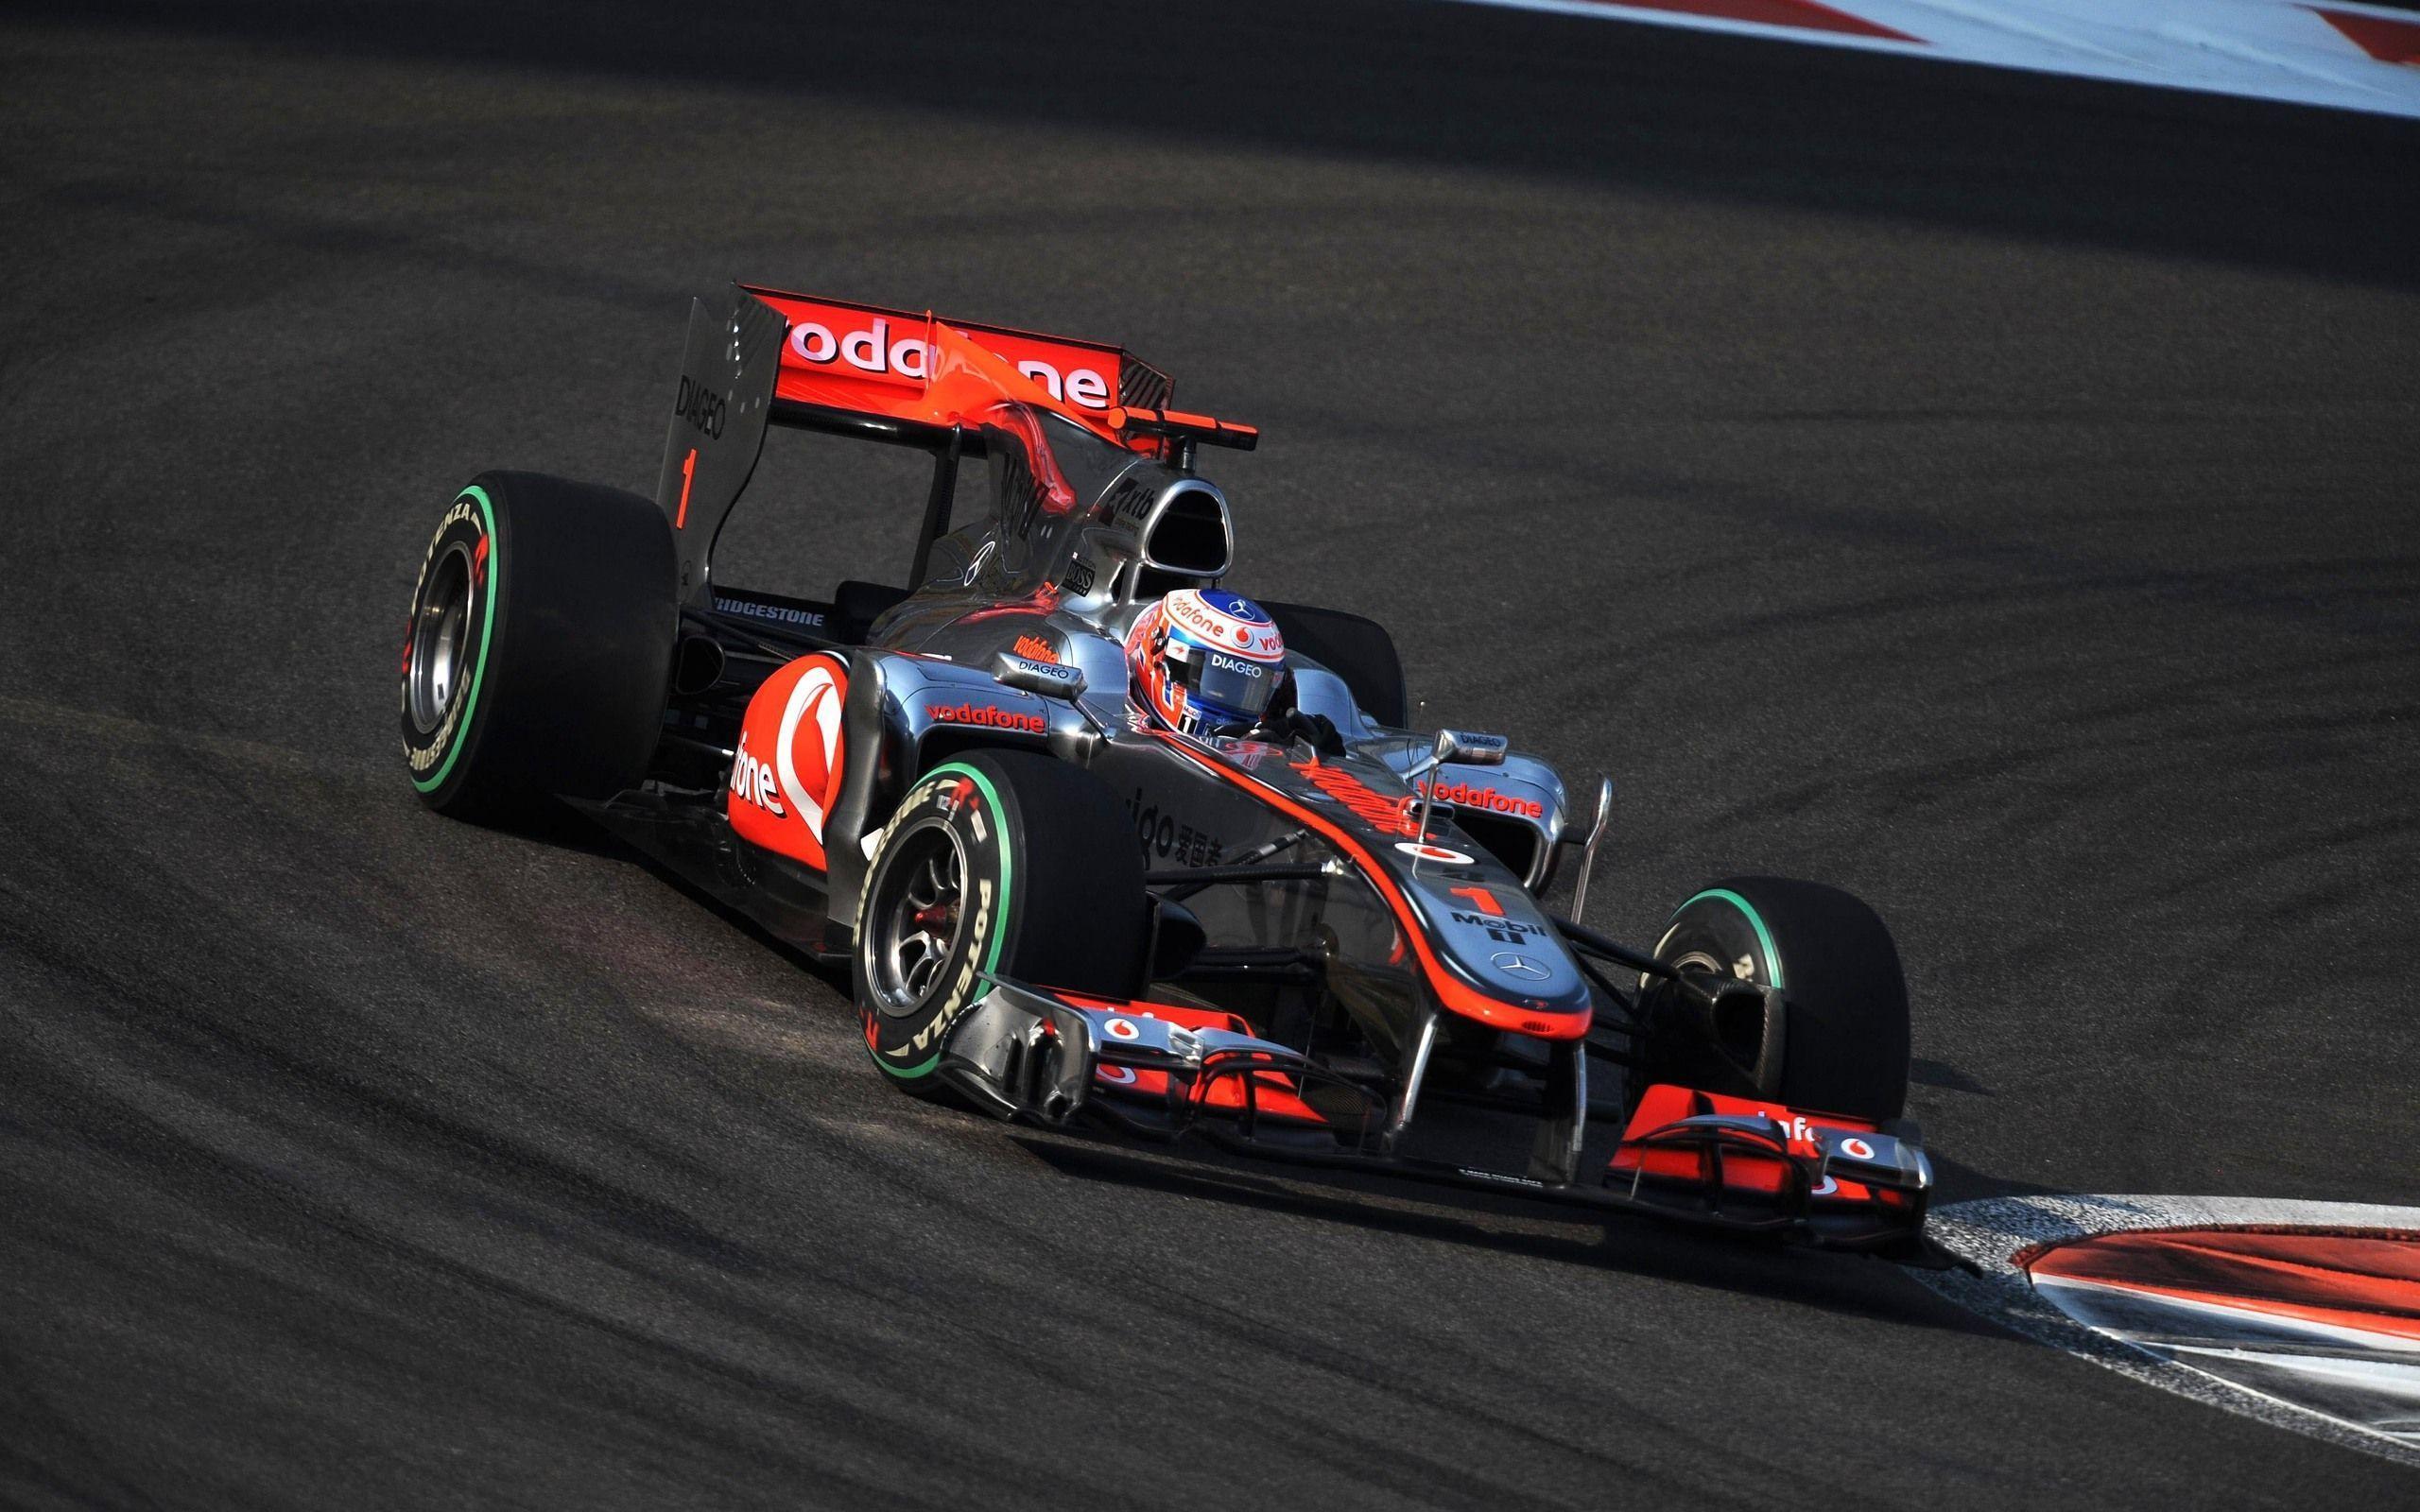 McLaren F1 Wallpapers - Wallpaper Cave